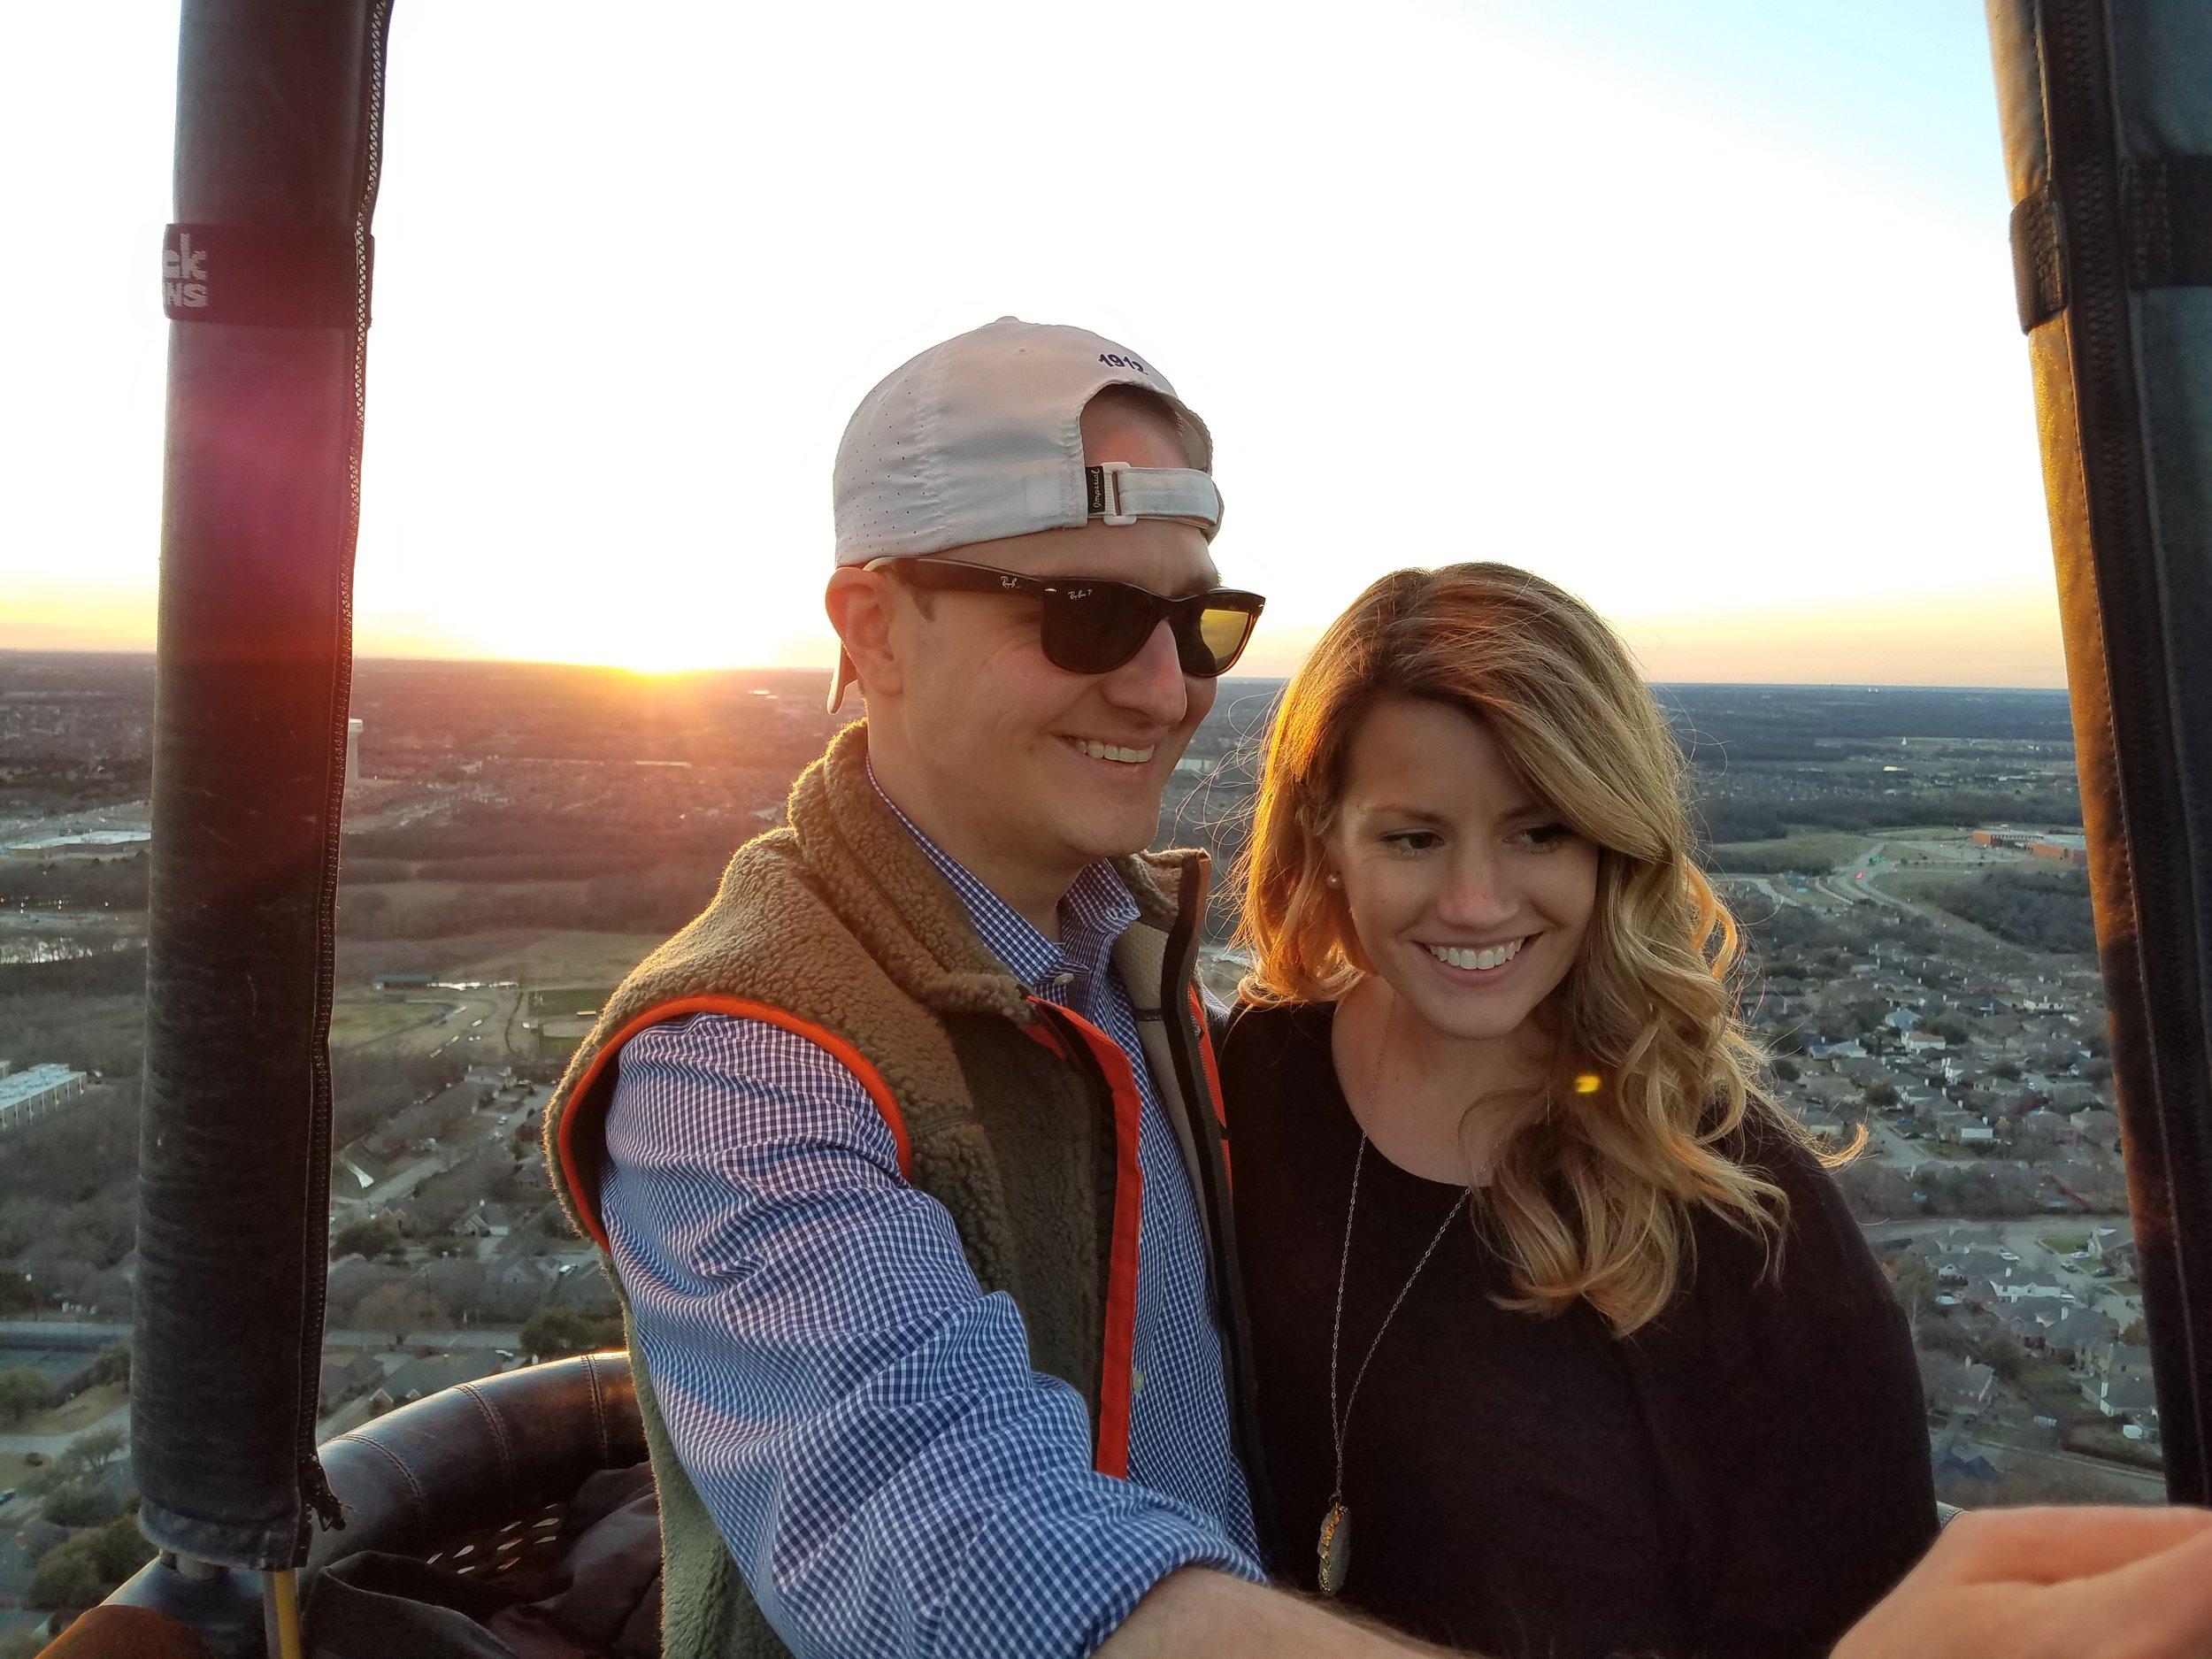 Hot air balloon ride over Plano, Texas